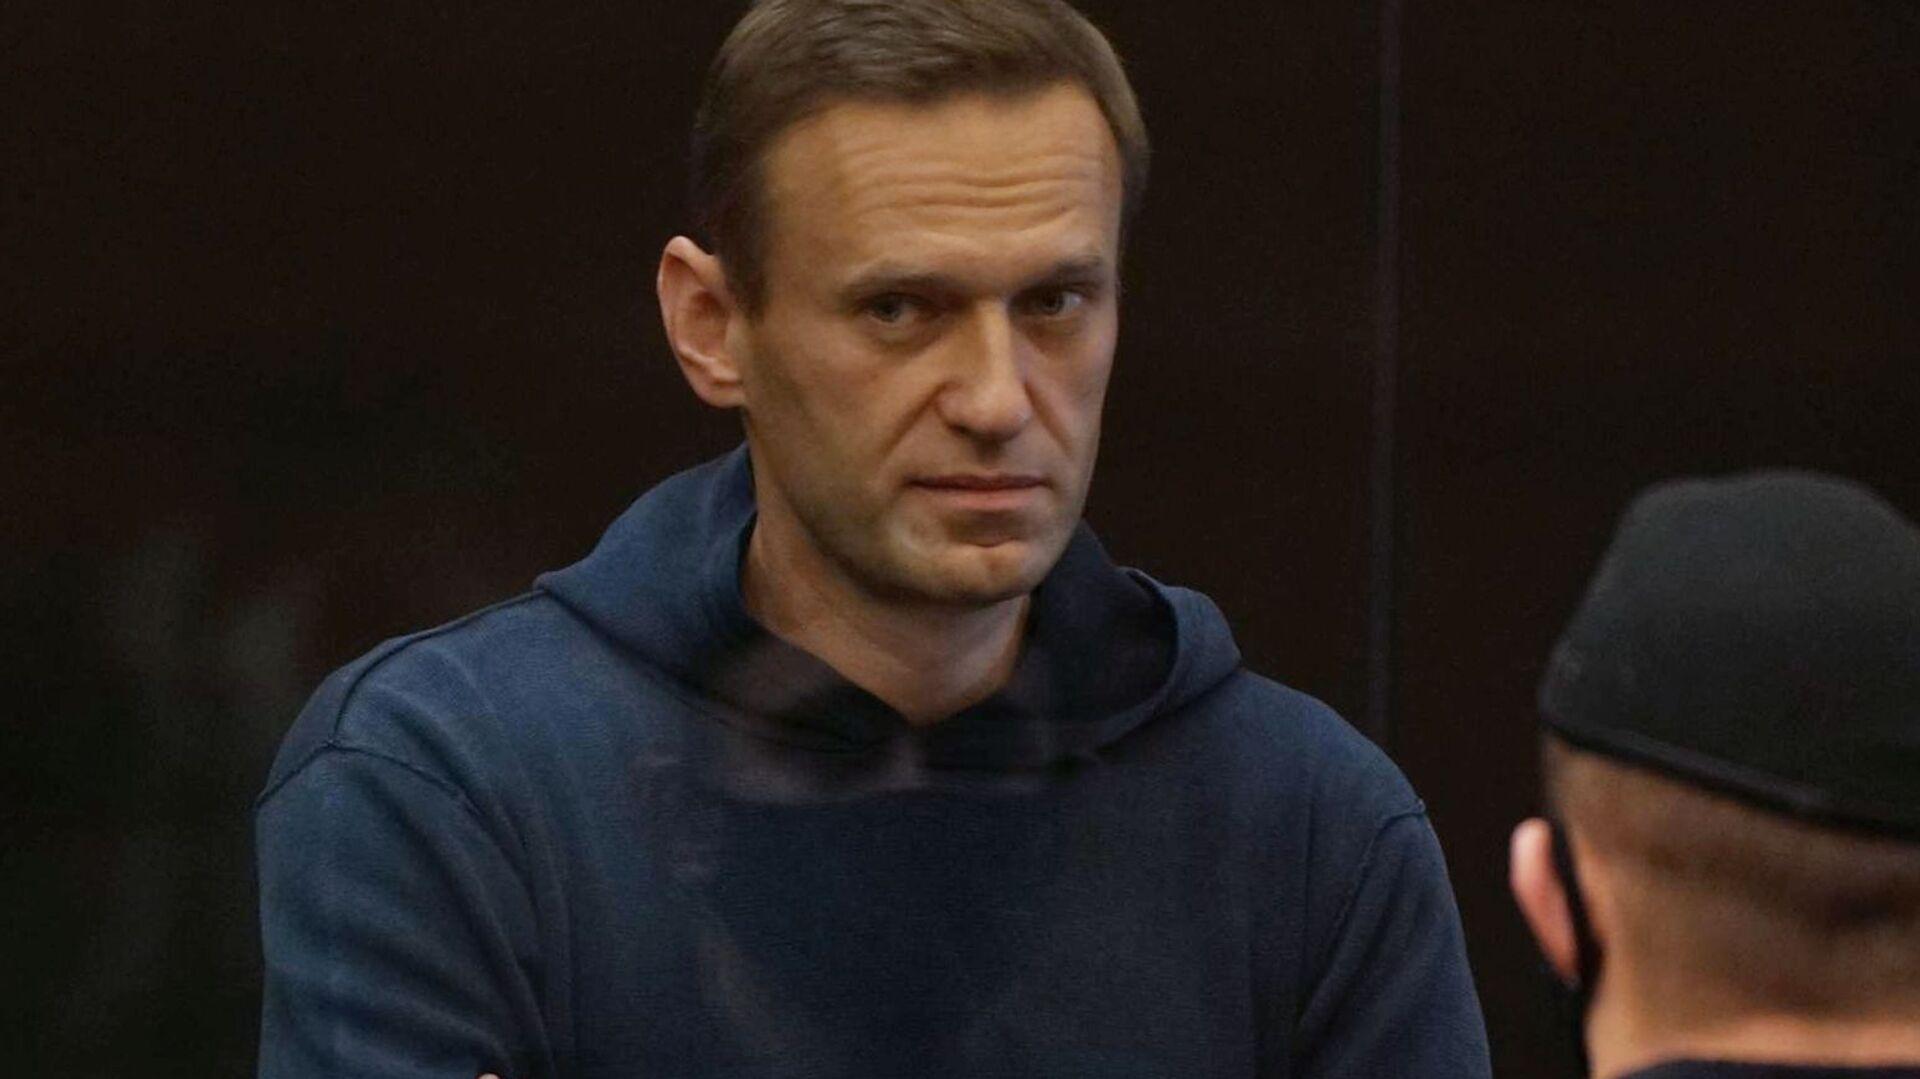 Alexej Navalnyj na zasedání Moskevského městského soudu - Sputnik Česká republika, 1920, 28.02.2021